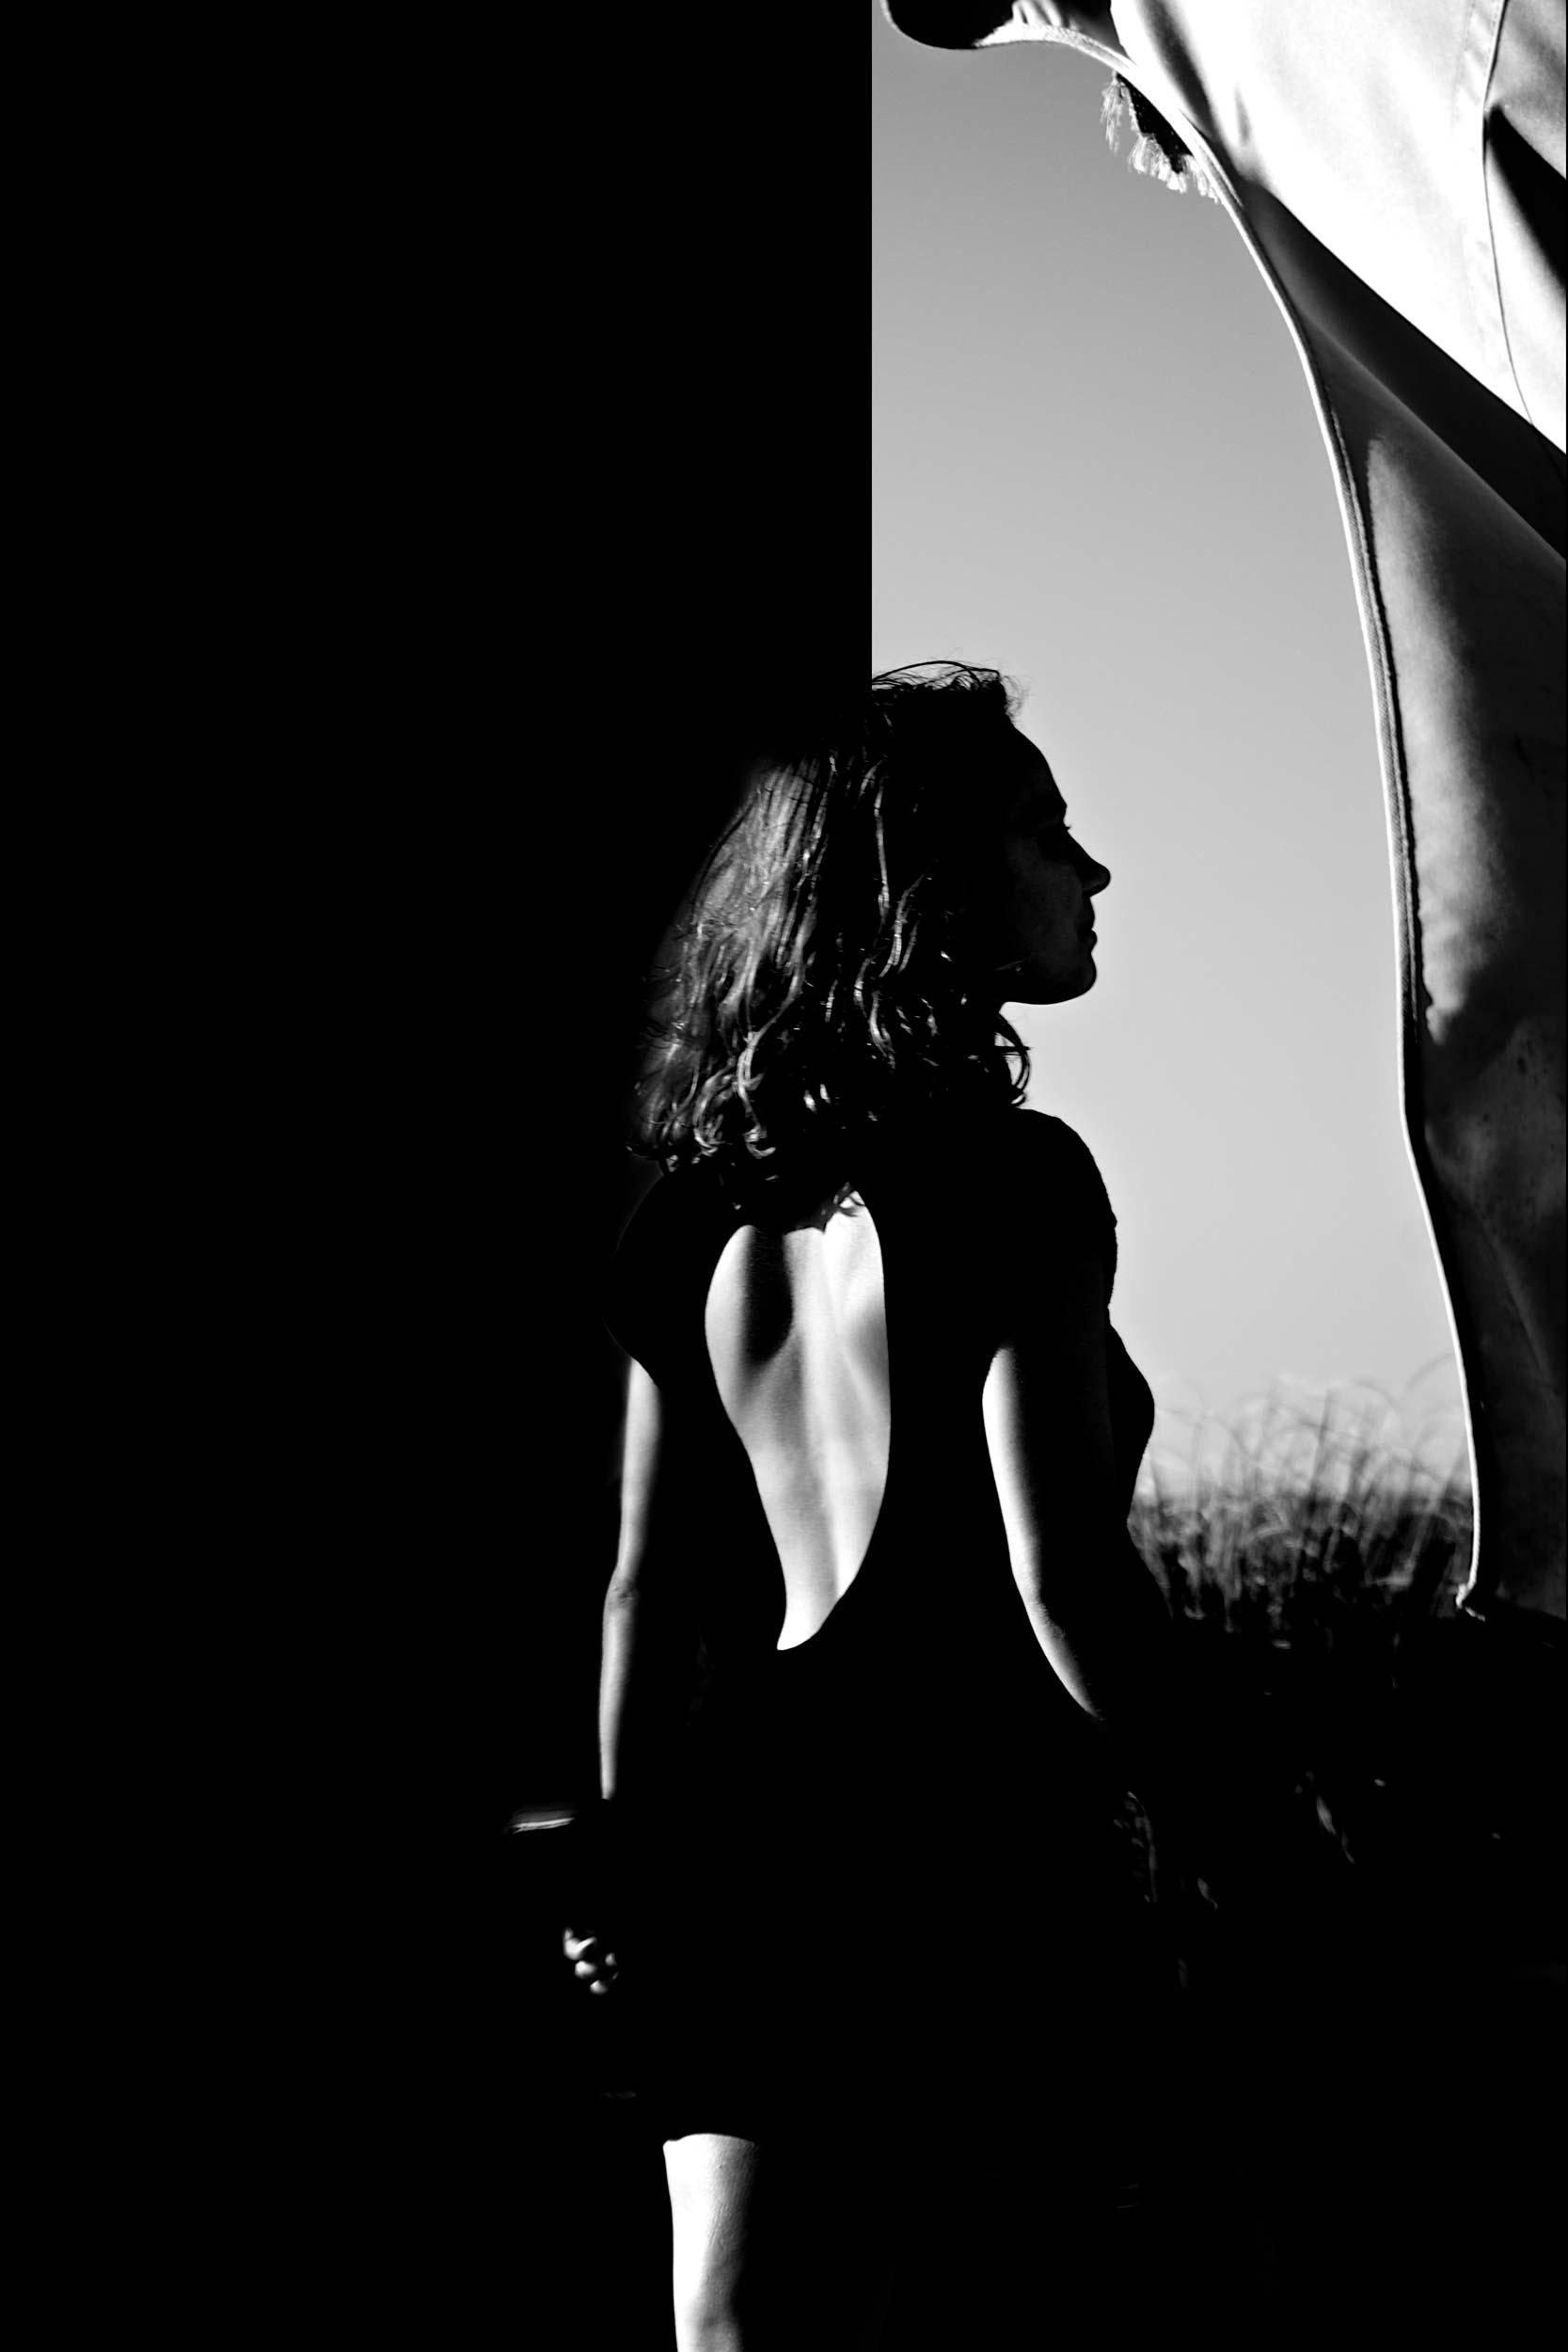 lifestyle photographe bayonne - 10